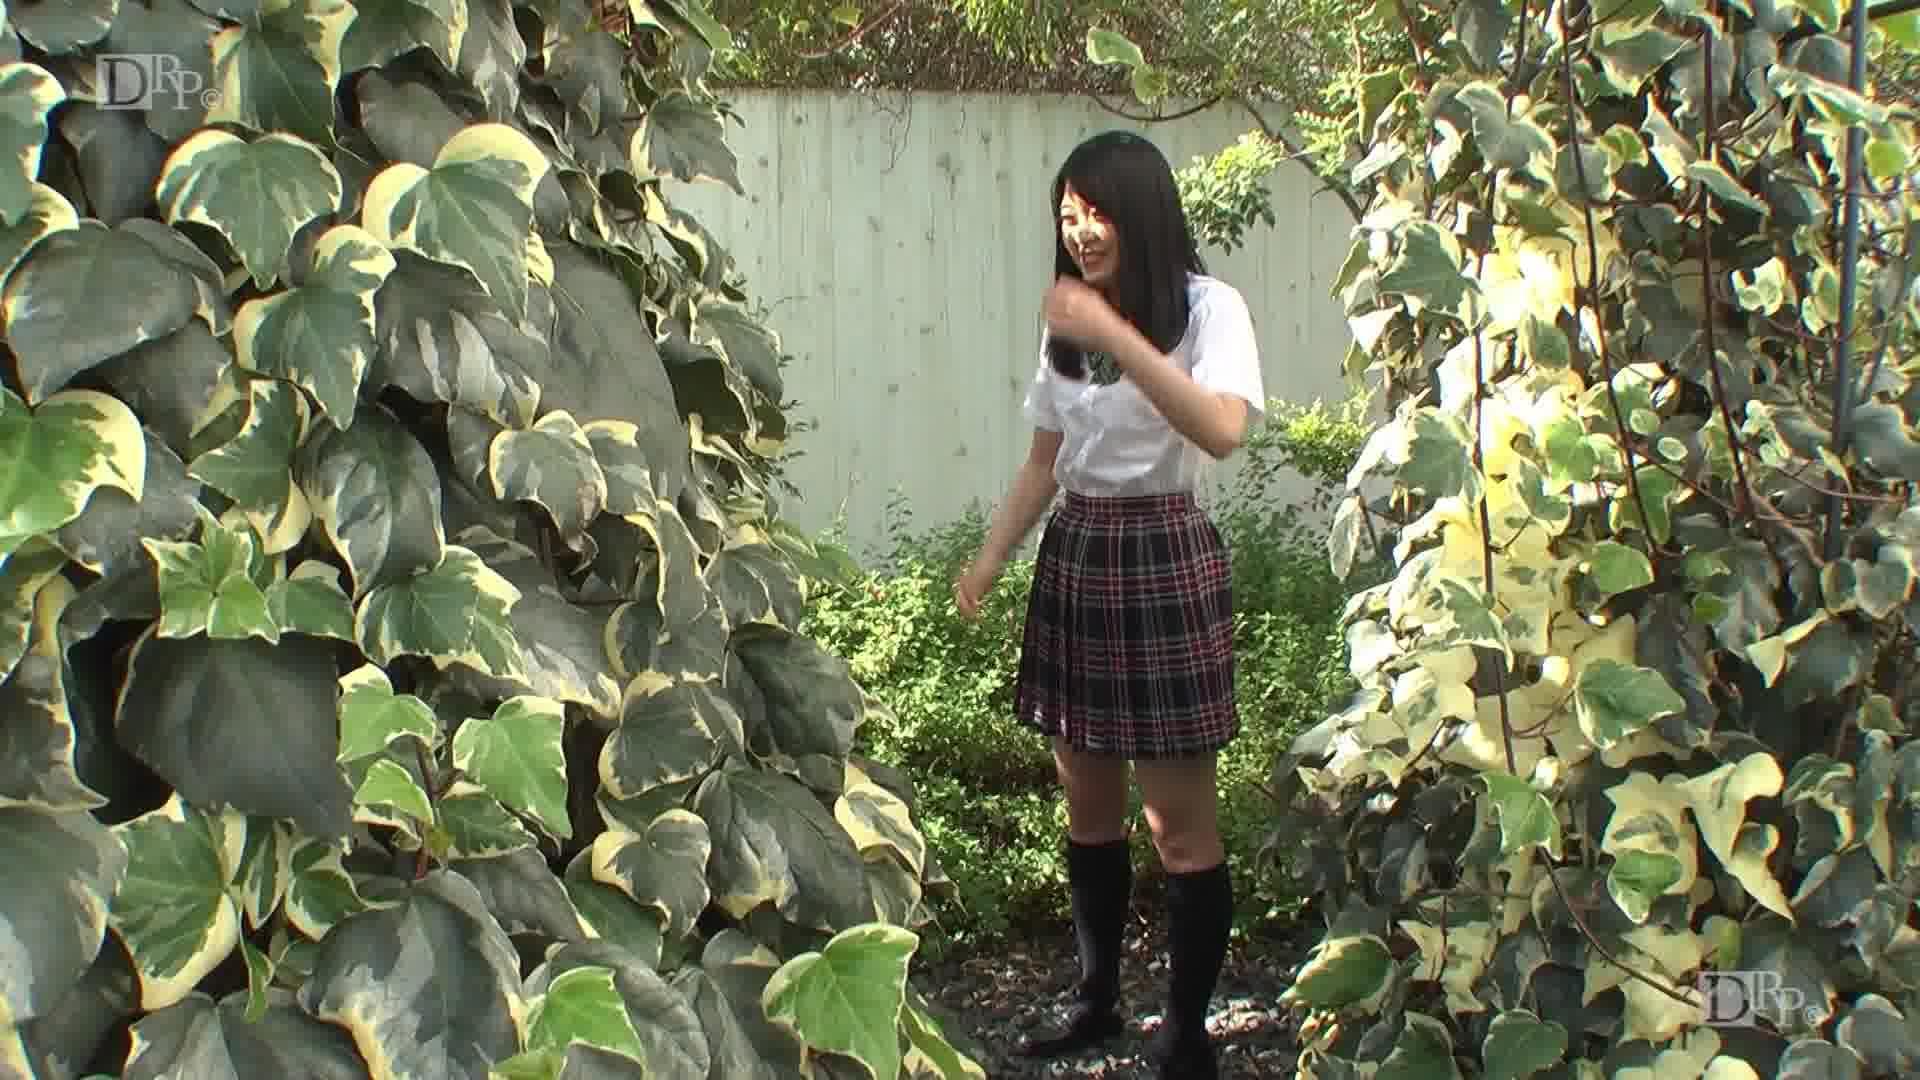 放課後に、仕込んでください ~初めてのことだらけで興奮しちゃった~ - 美月るな【制服・バイブ・中出し】